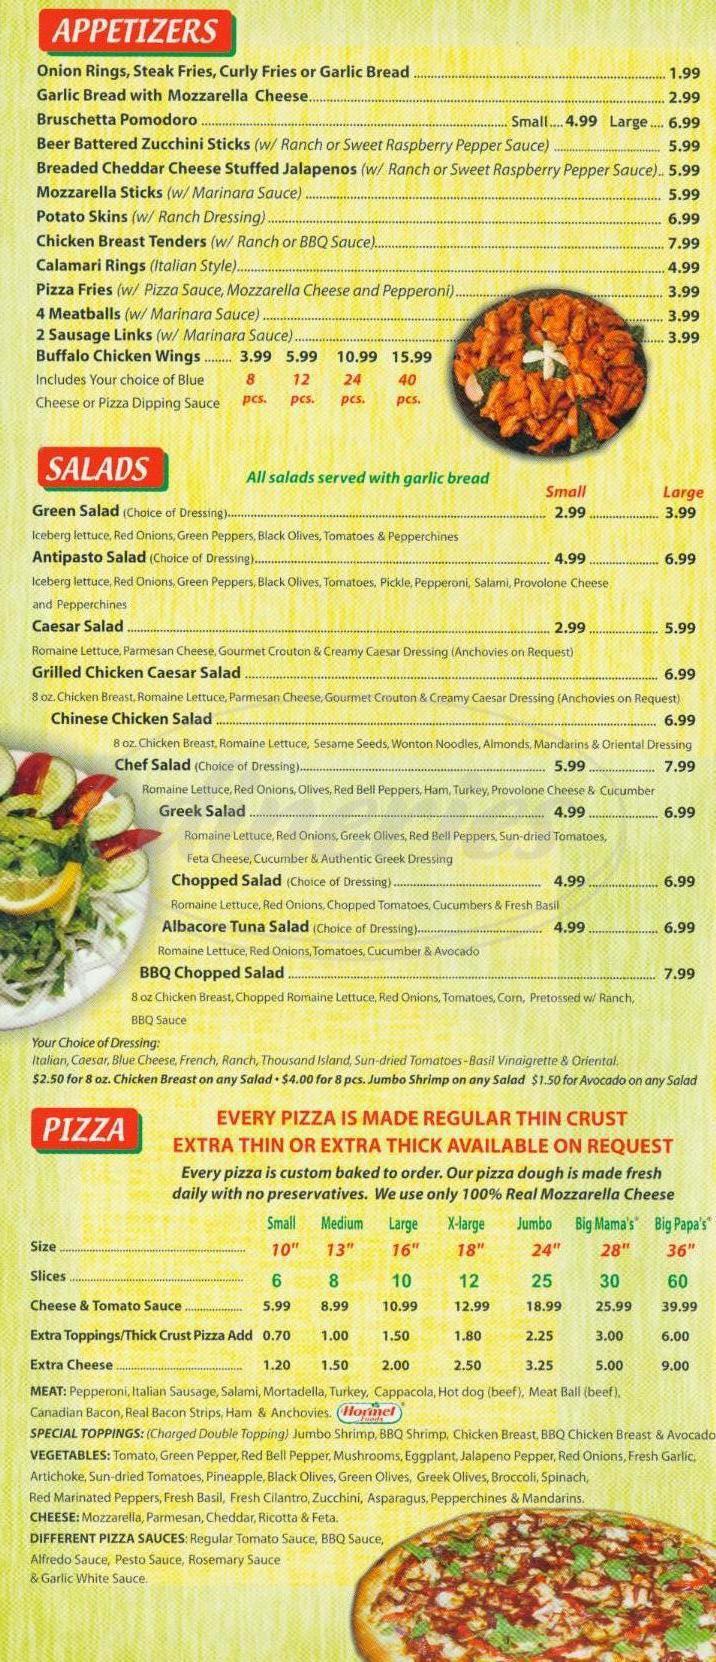 Big menu for Big Mamas & Papas Pizzeria, Los Angeles